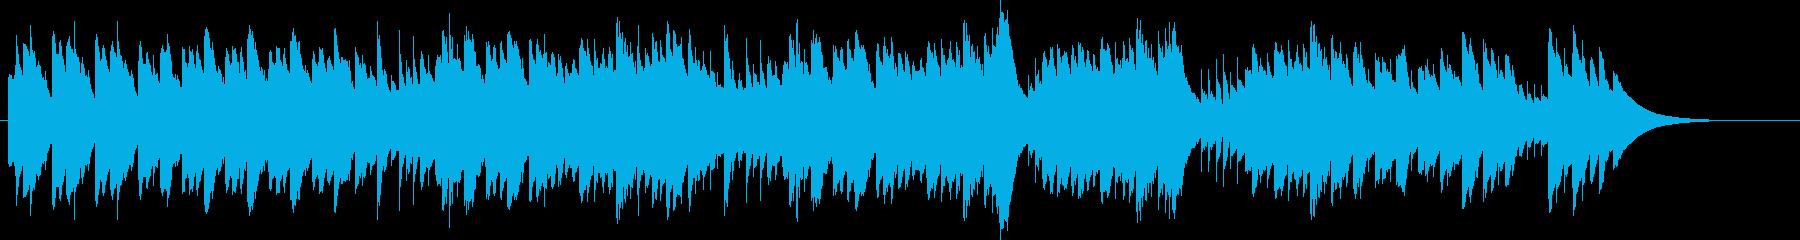 第17番テンペストよりベートーヴェンの再生済みの波形